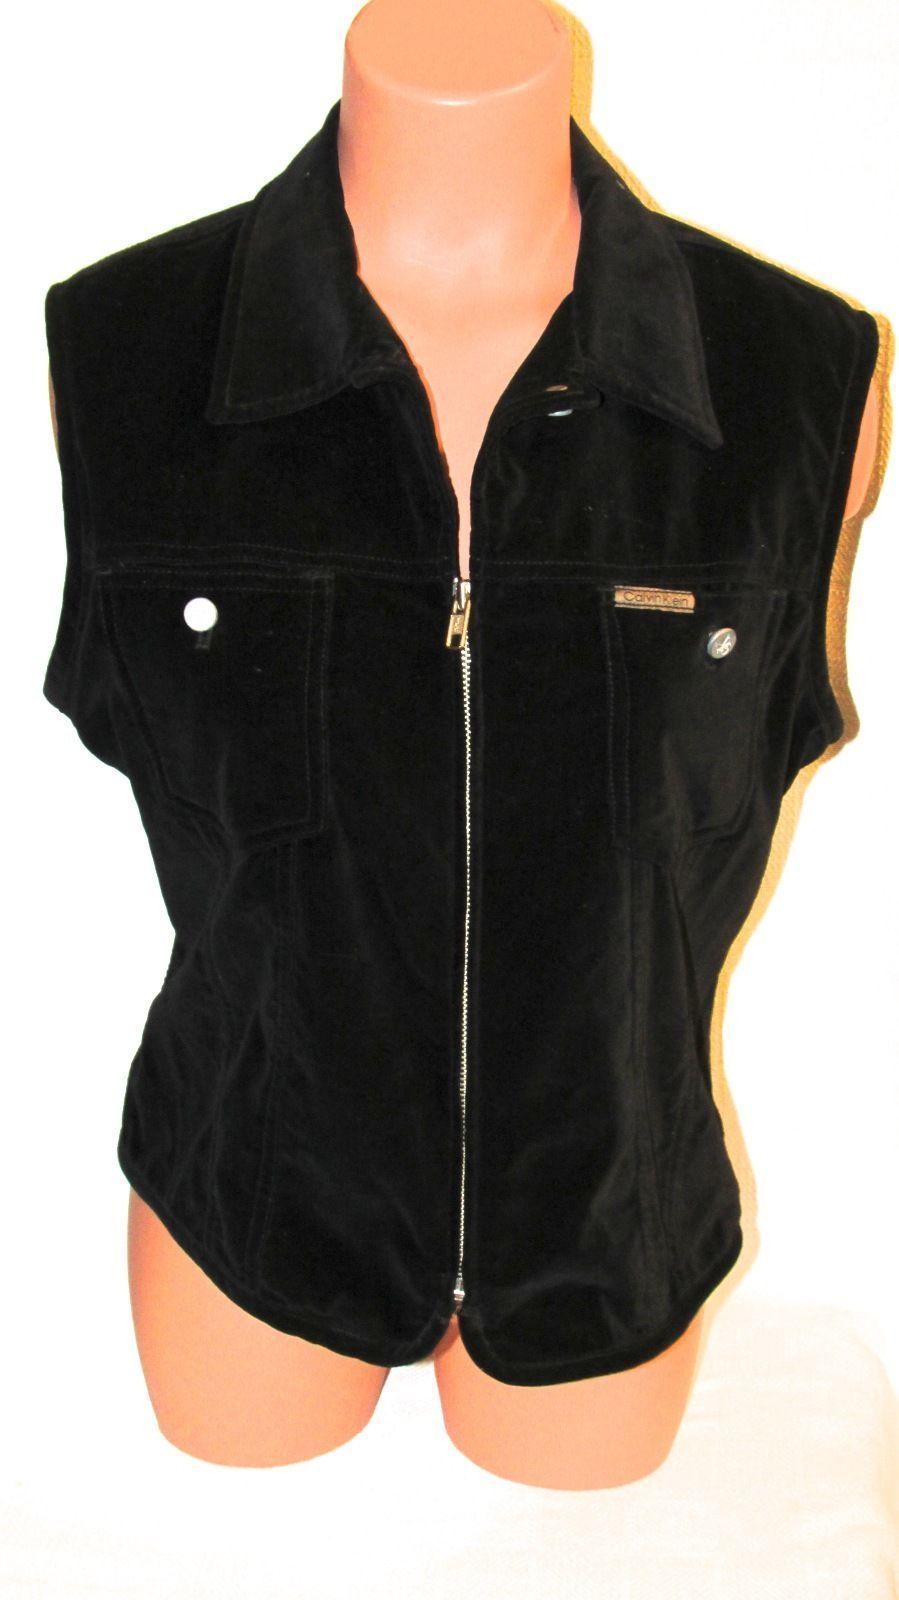 Calvin Klein Women's Cotton Solid Black Cotton Vest #NJ 57997 S: L